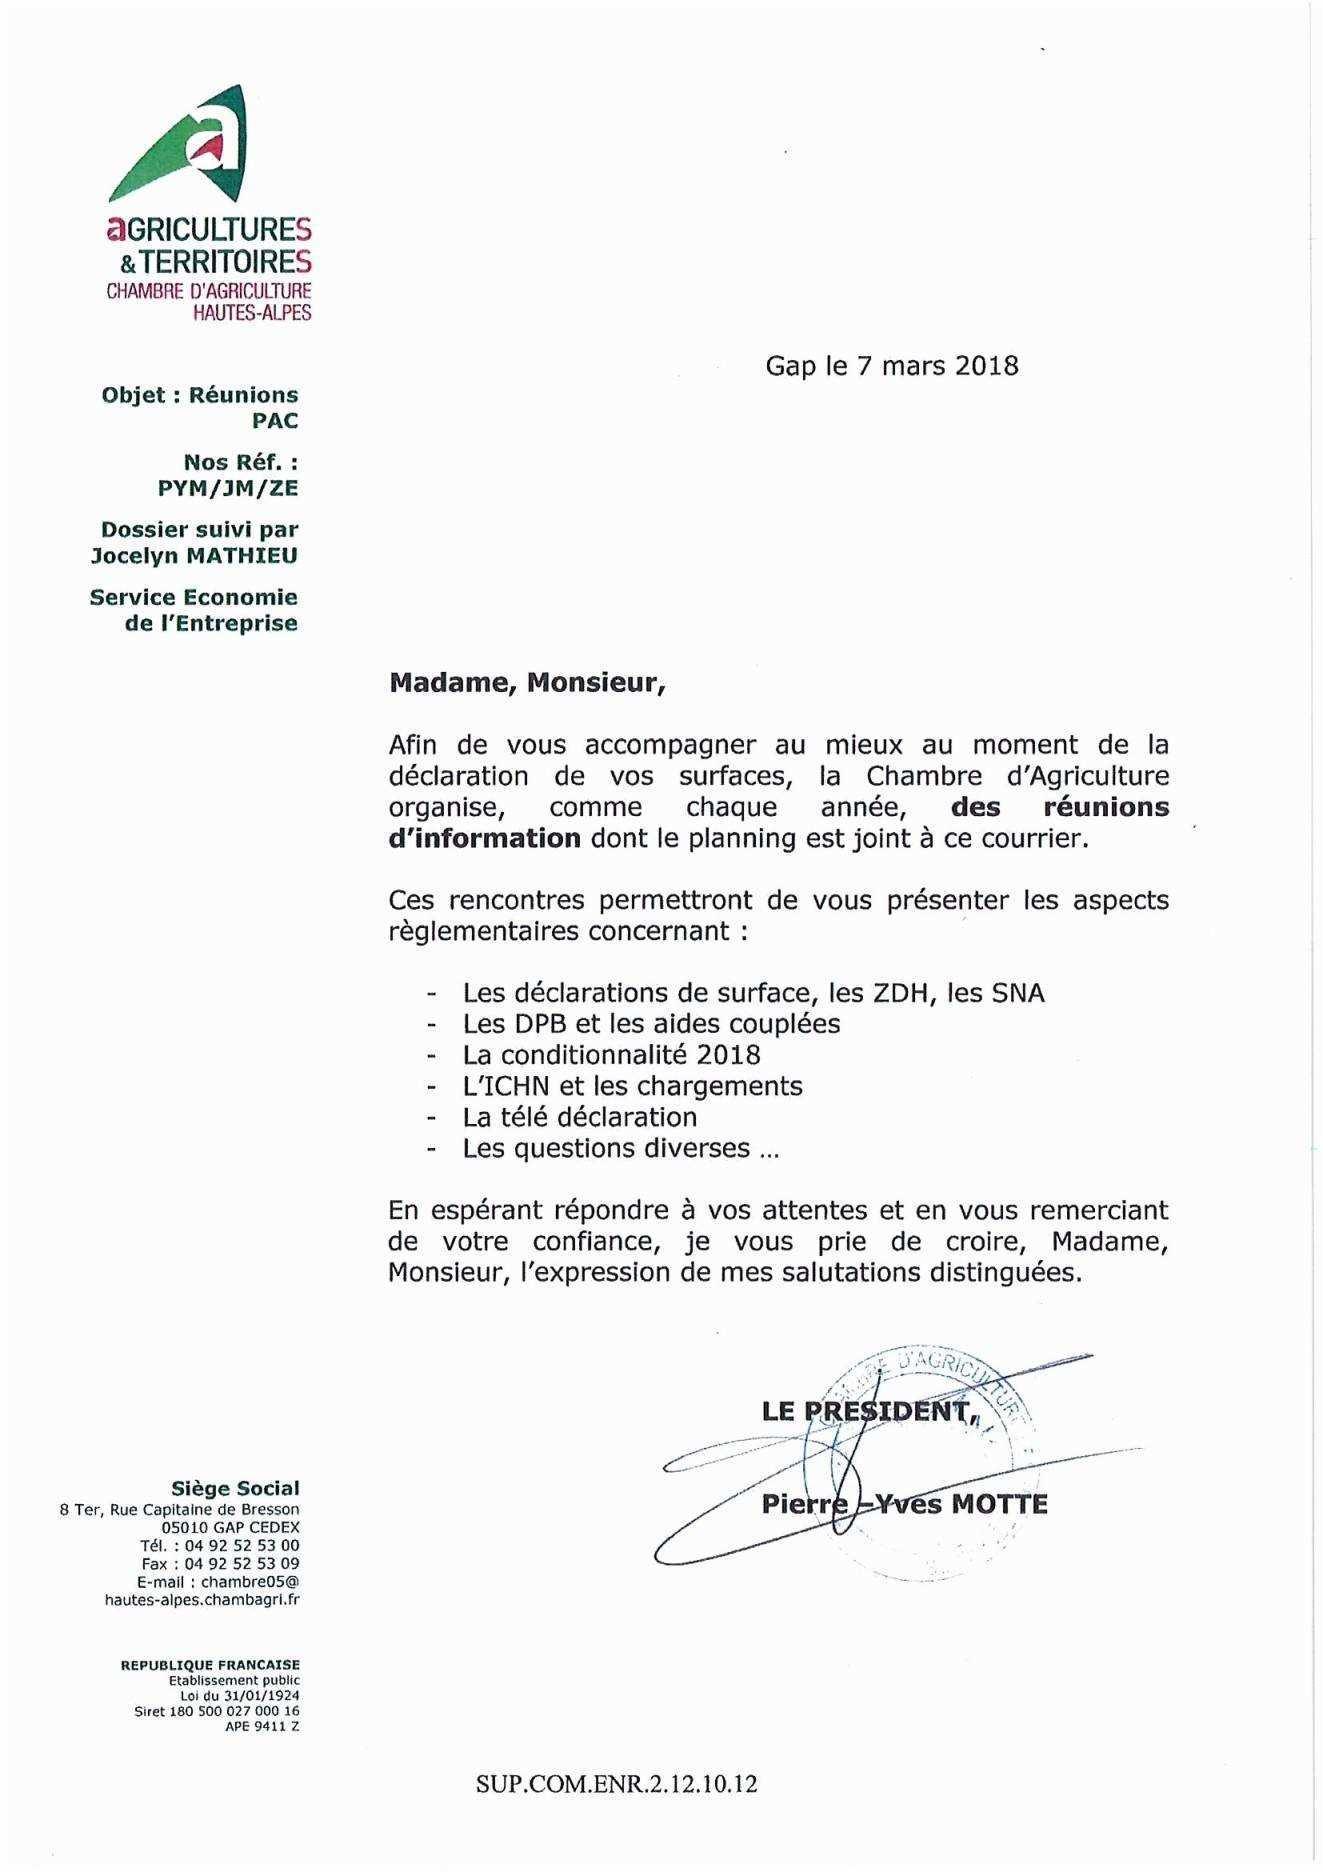 lettre de motivation  u00e9quipier mcdo